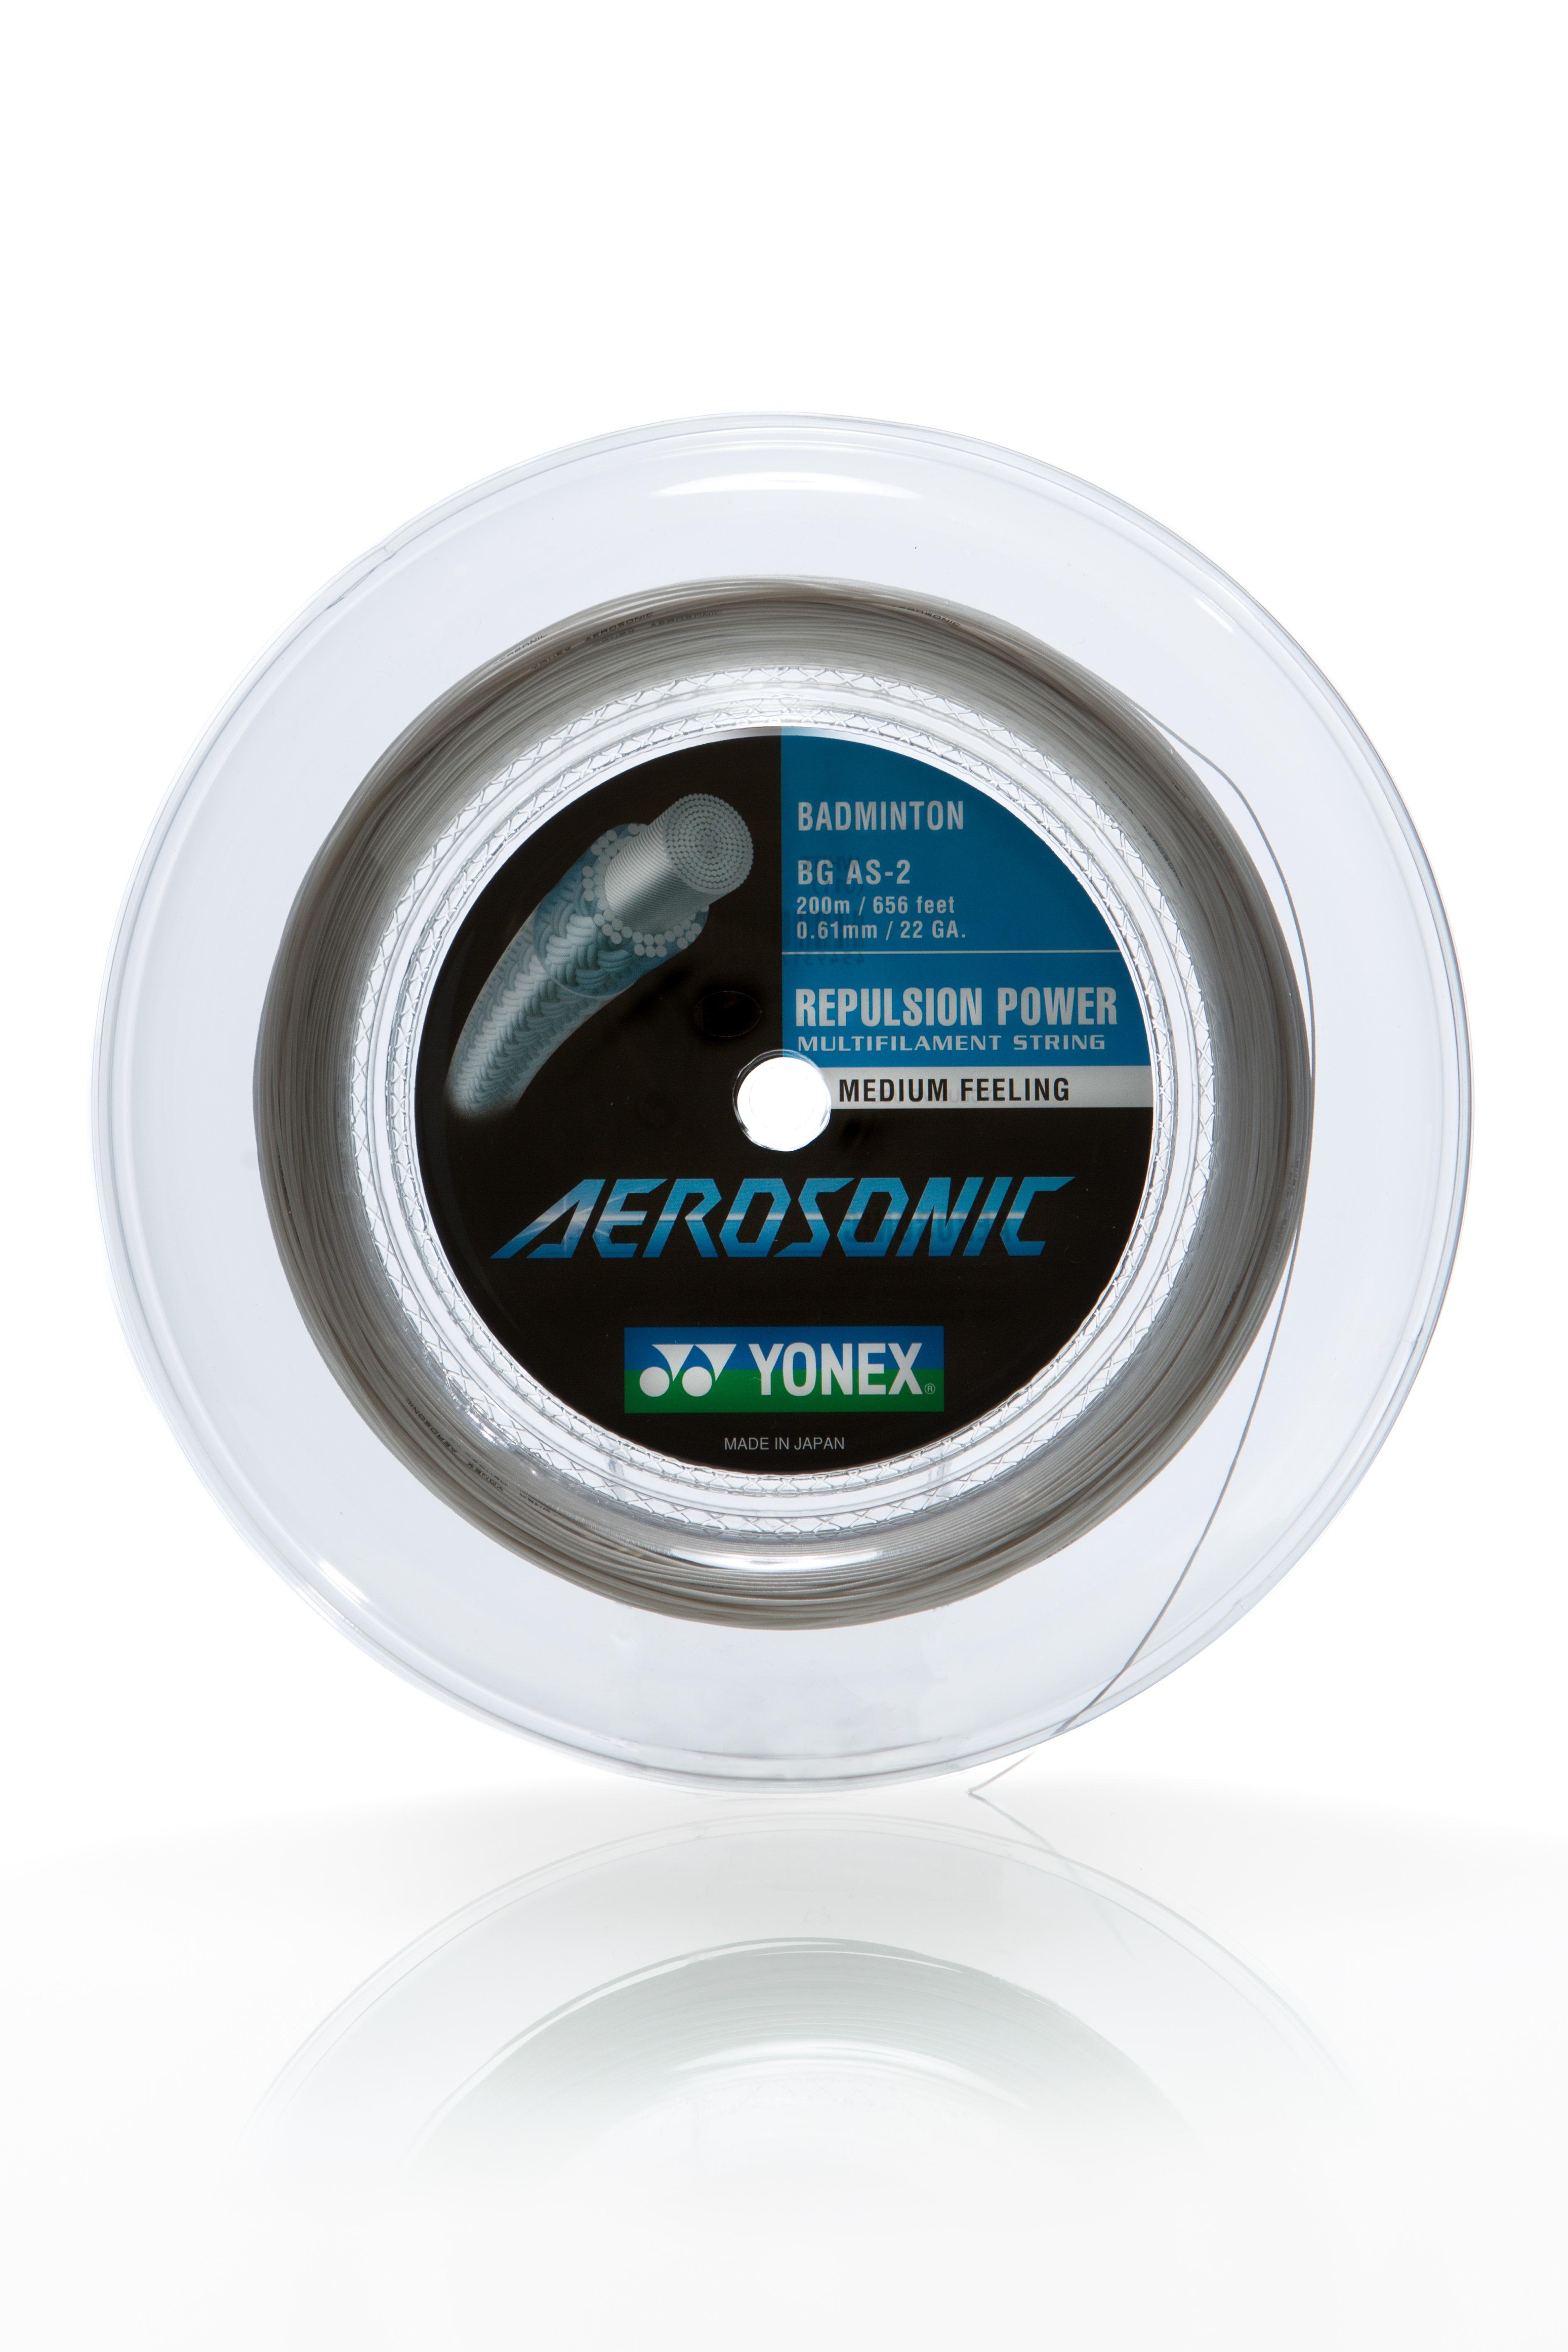 Yonex - BG AERO SONIC Badminton-Saiten